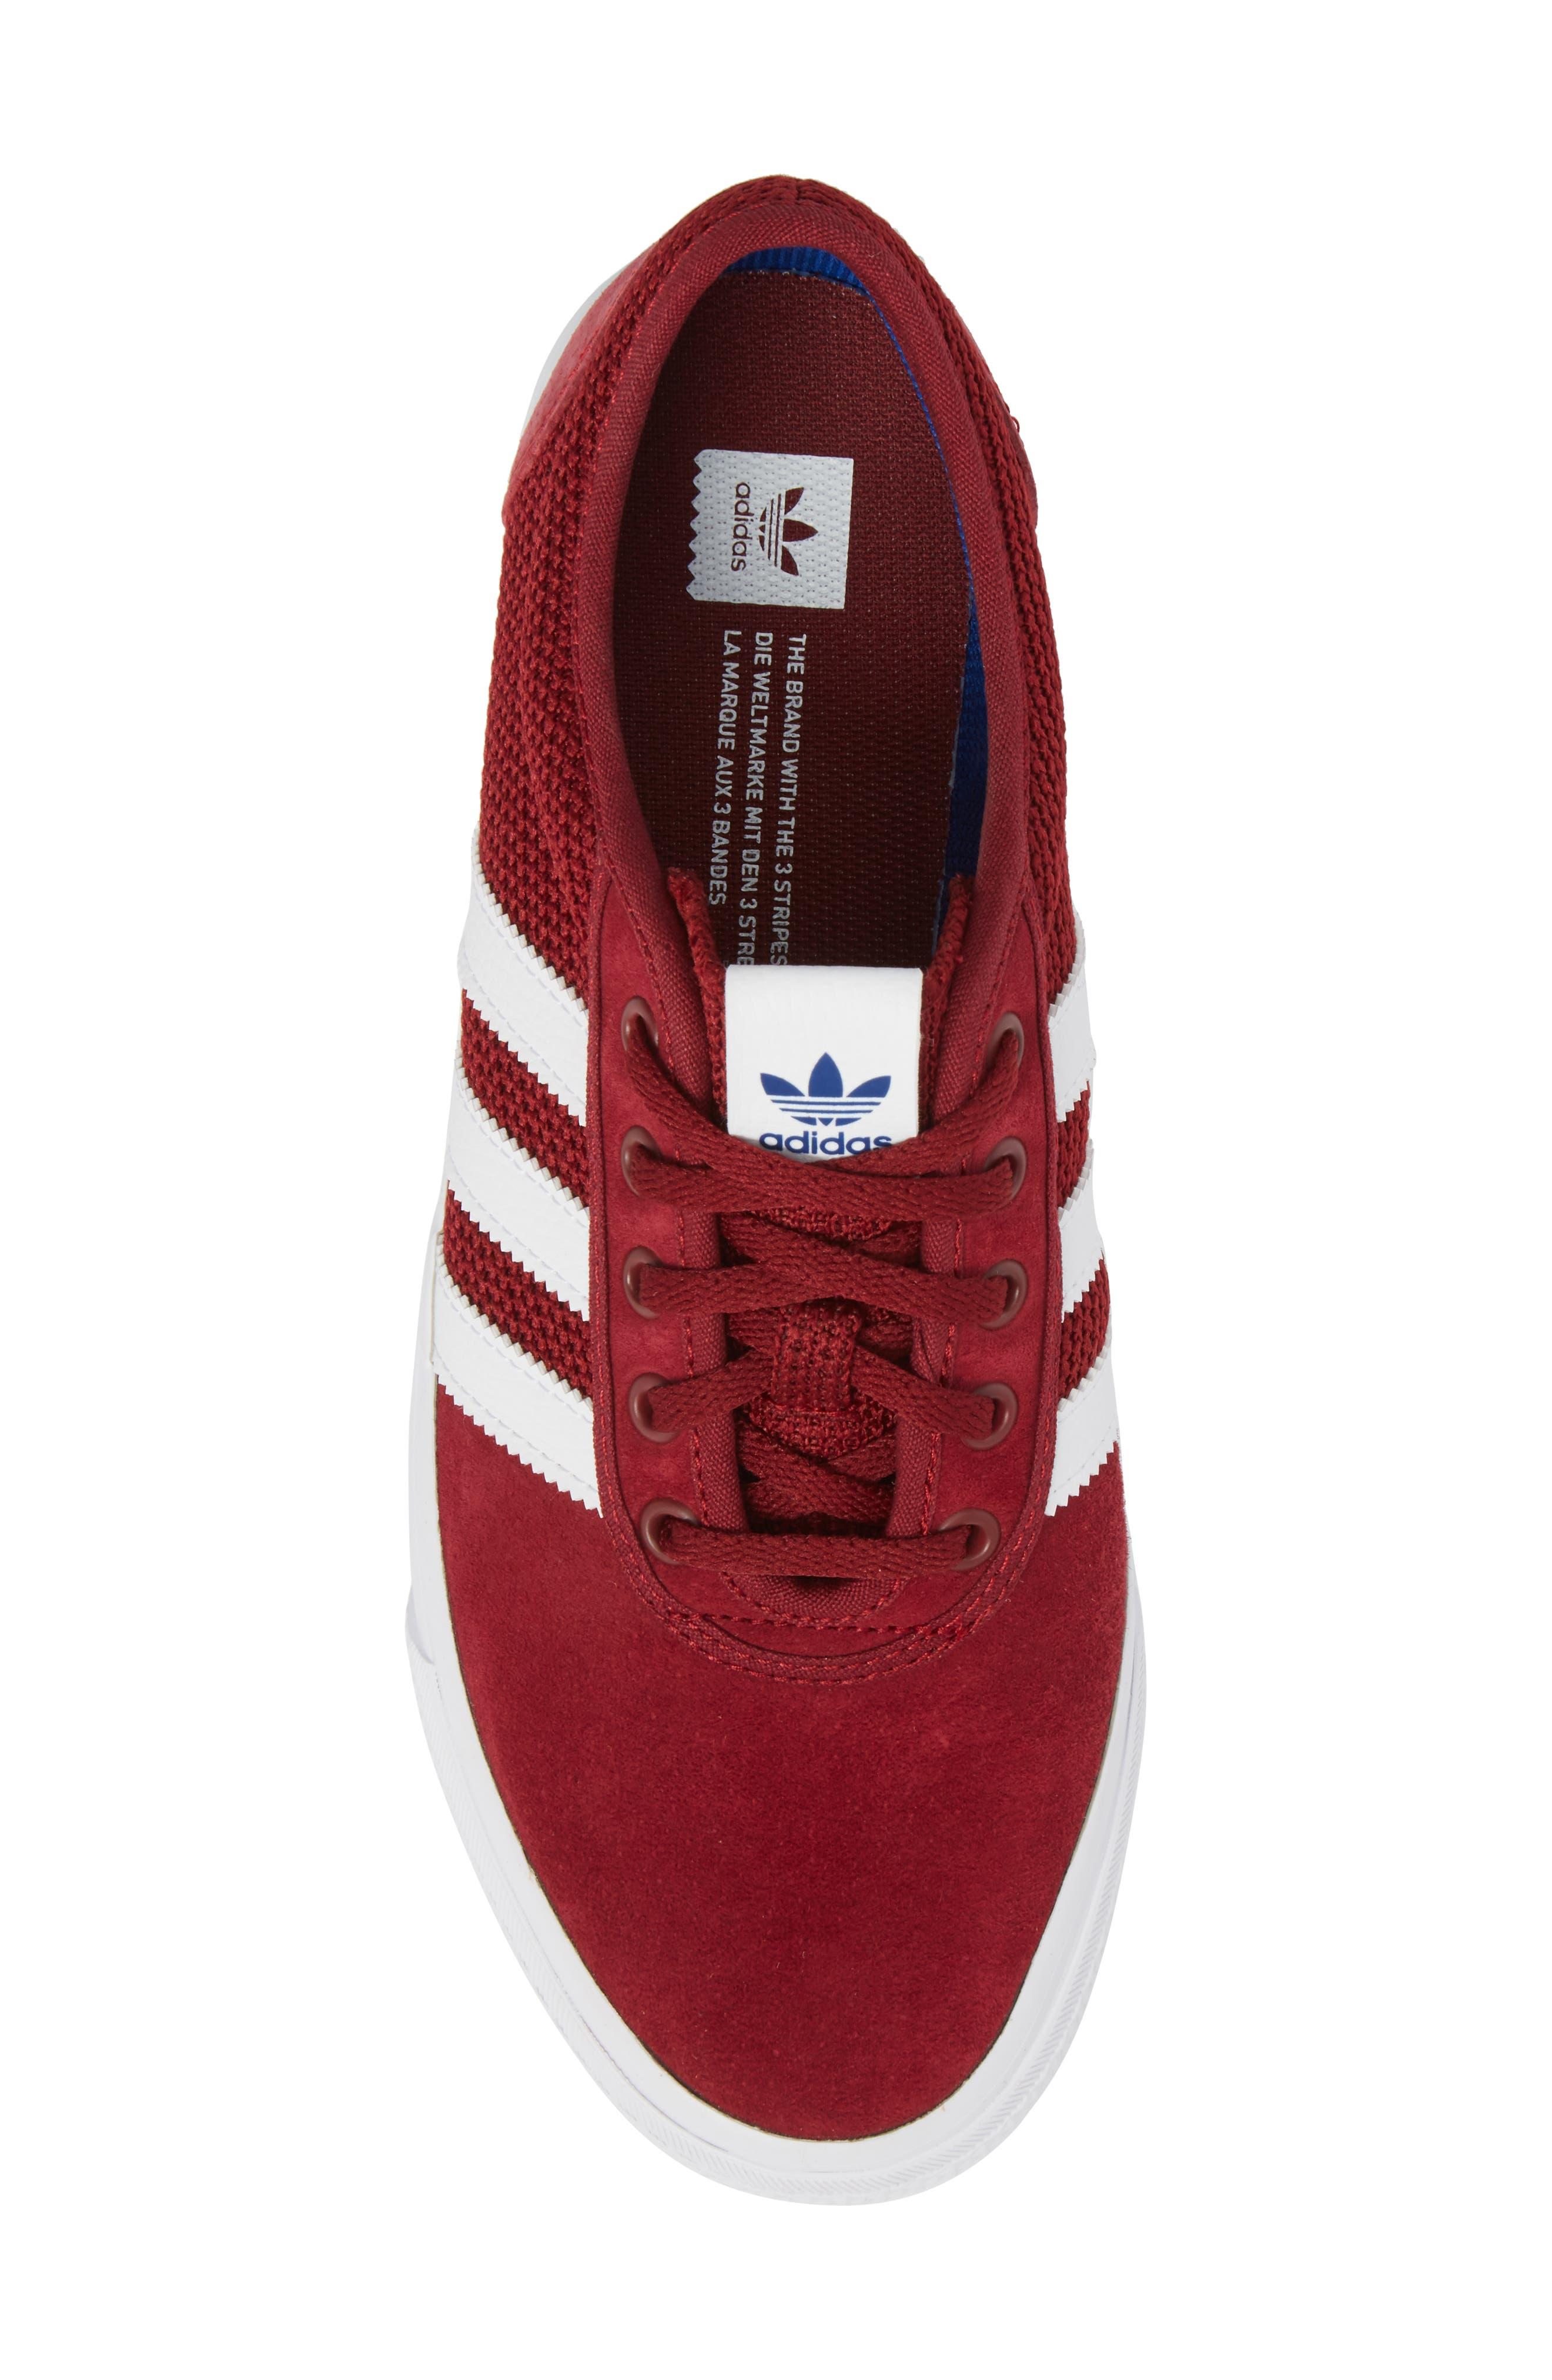 adi-Ease Sneaker,                             Alternate thumbnail 5, color,                             Burgundy/ White / Royal